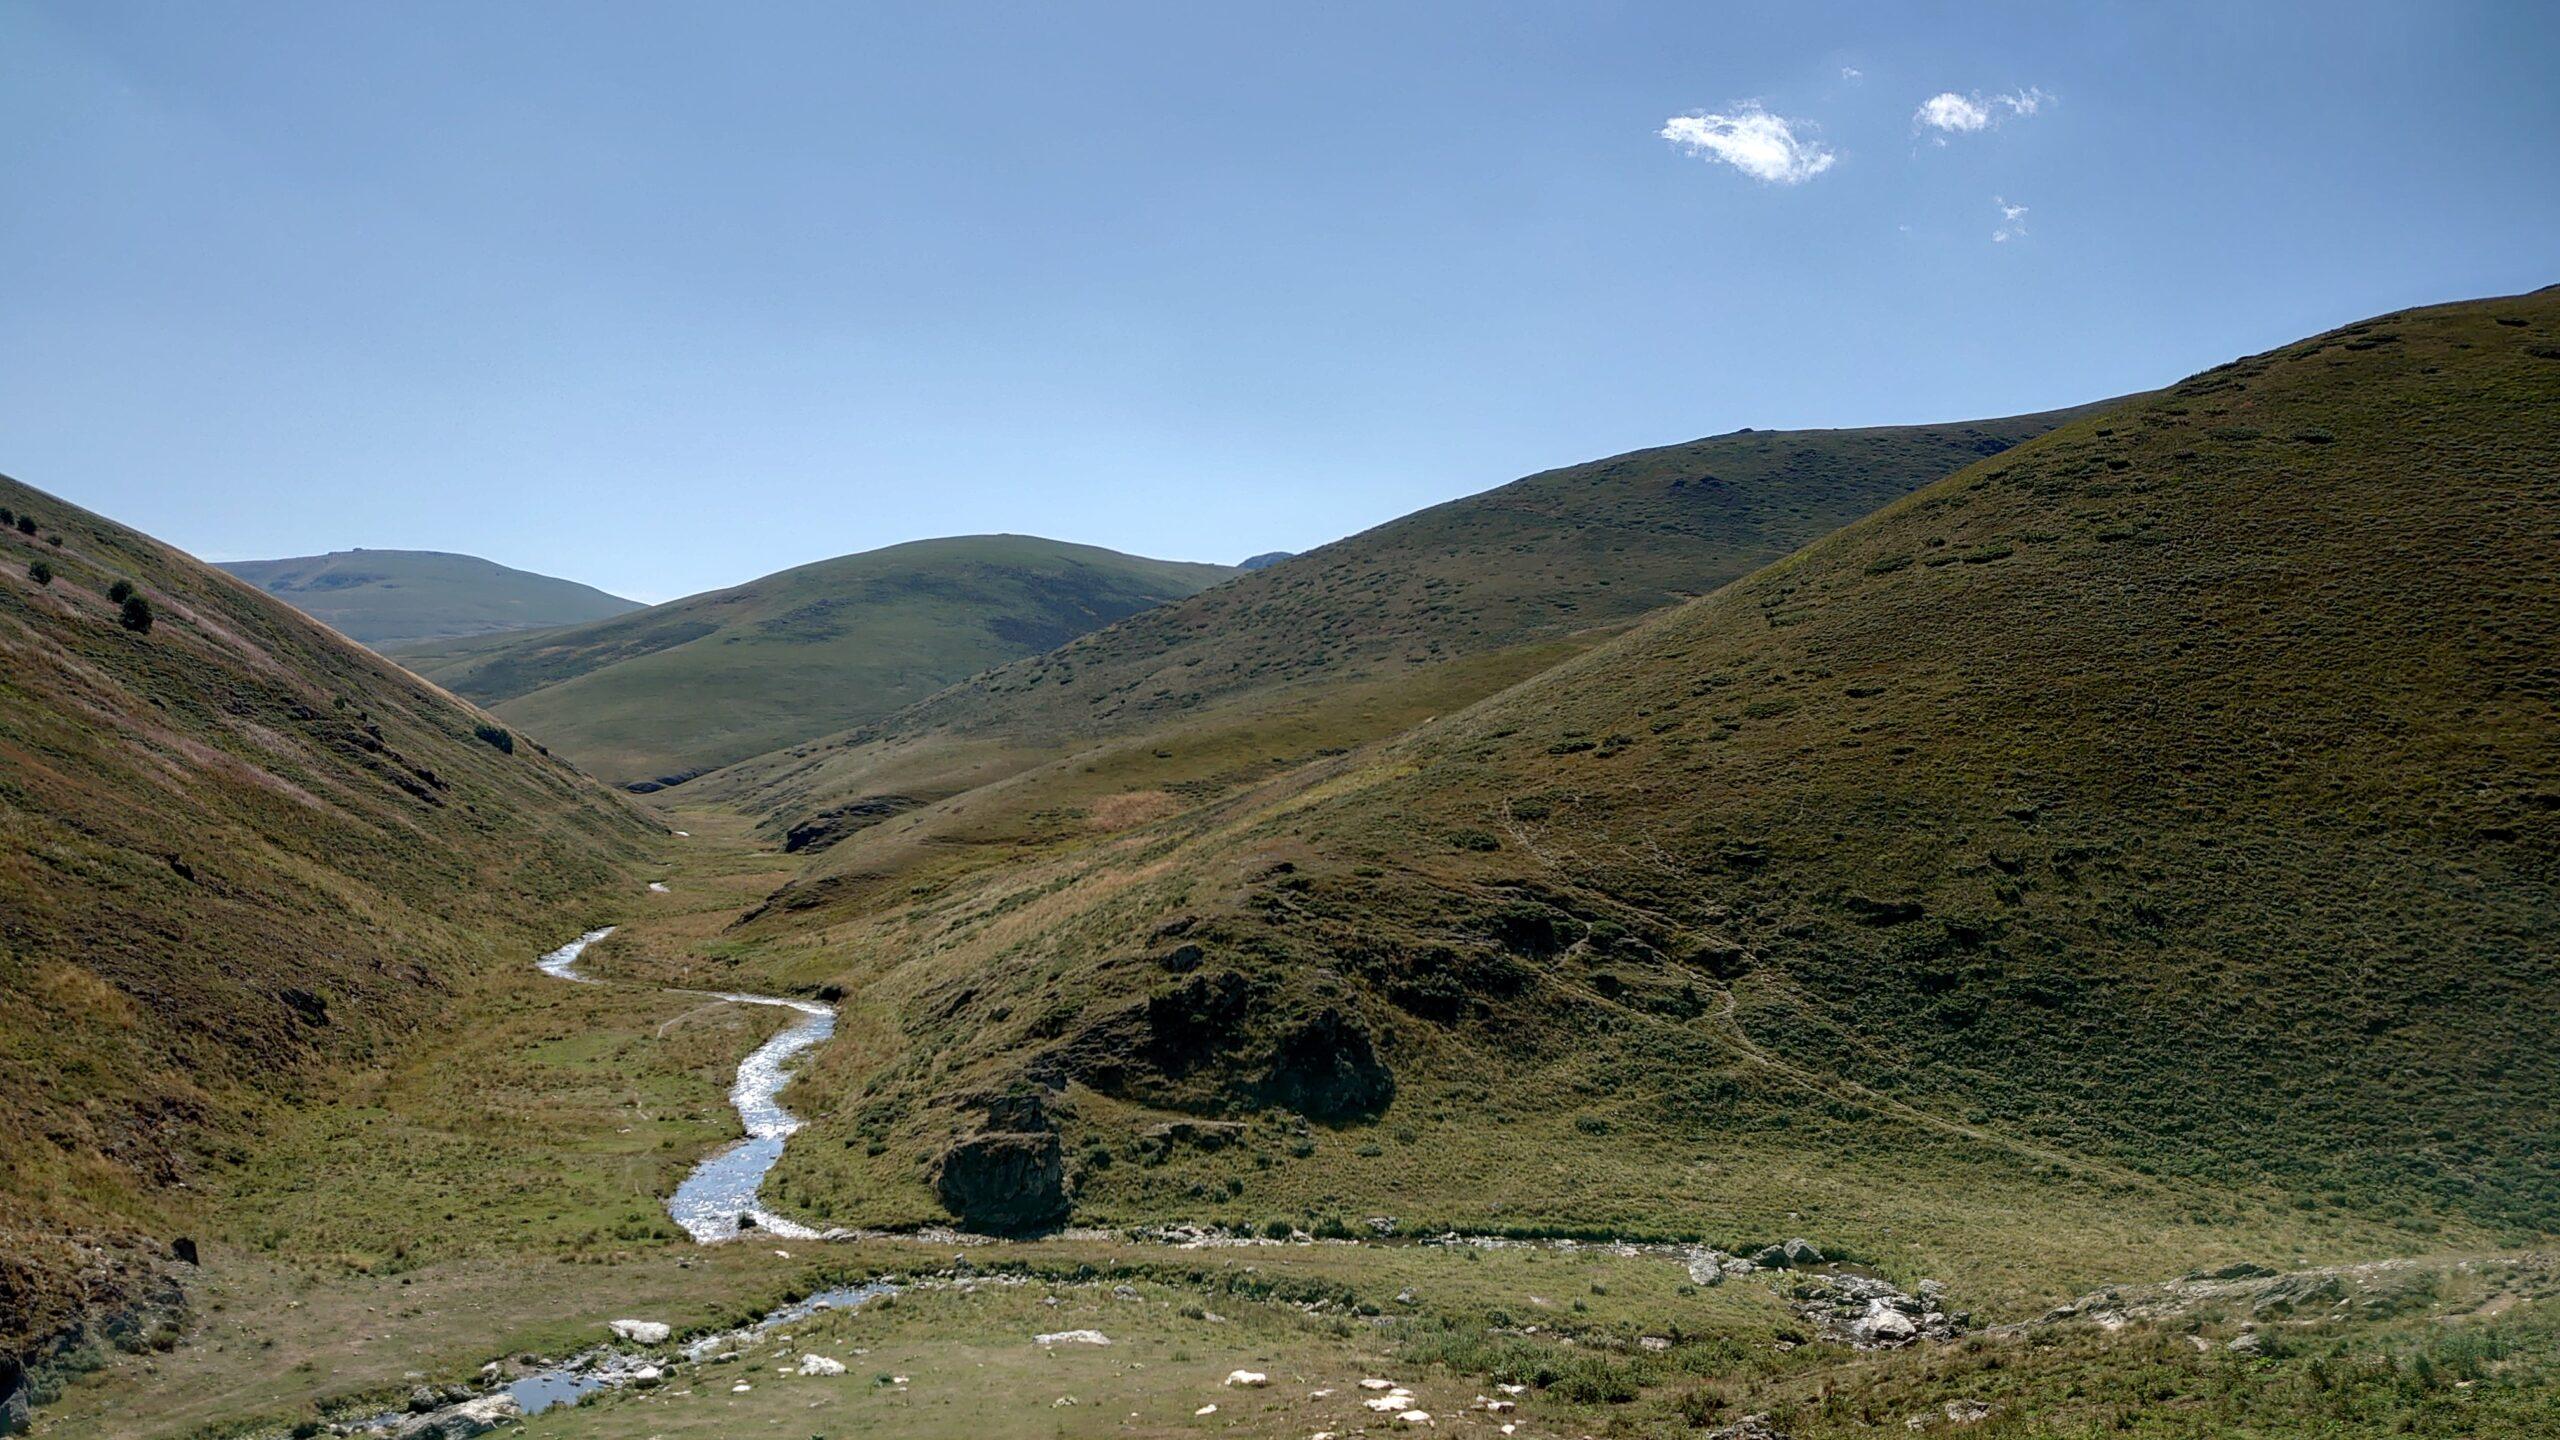 Údolí po cestě na Kalabak. Ticho v kosovských horách jen občas naruší bekot ovcí